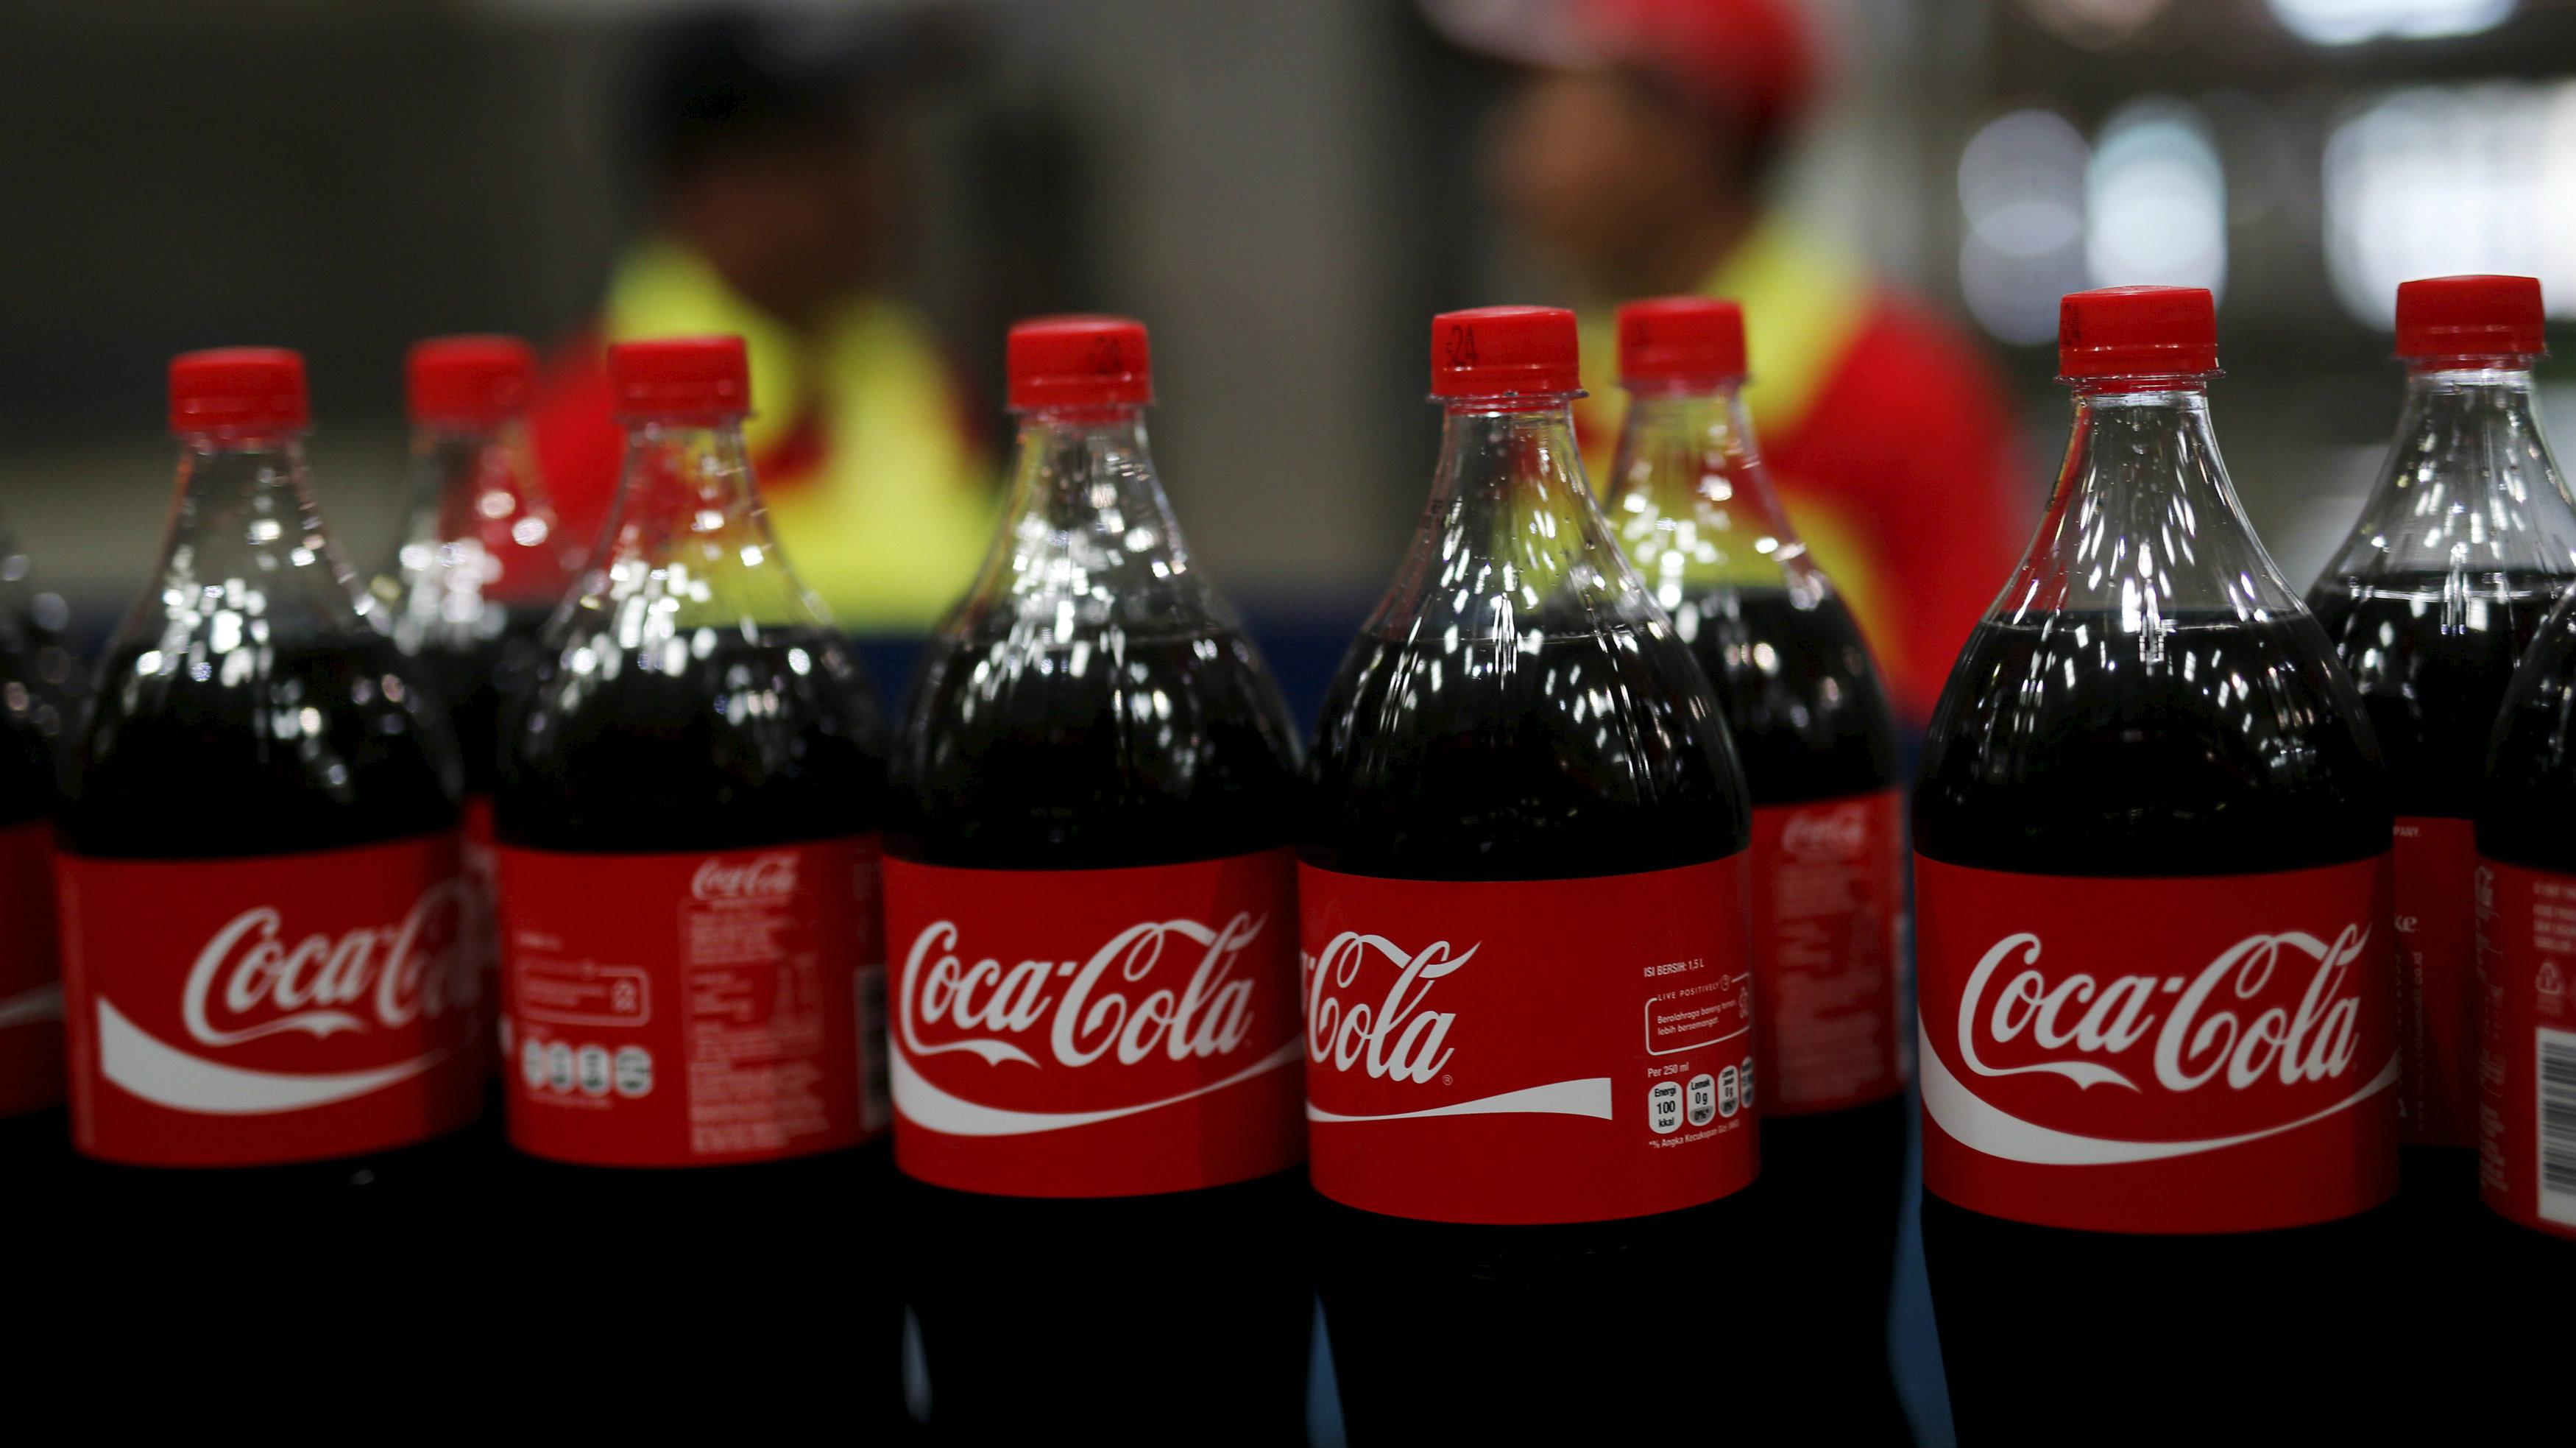 soda-diabetes-type-2-coca-cola-sugar-sugary-drinks 2